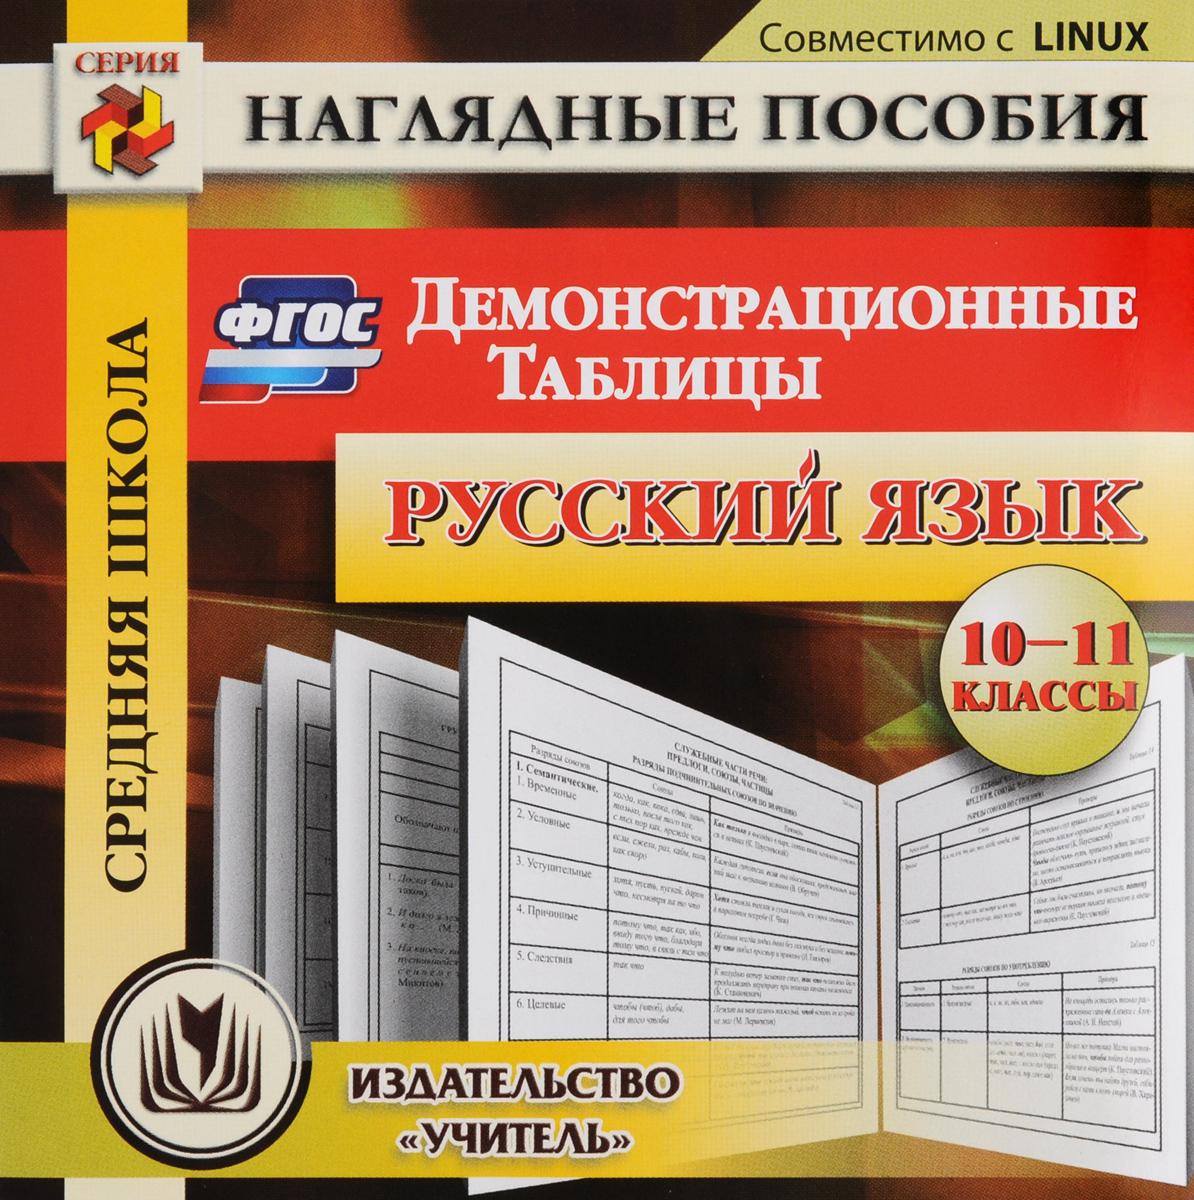 Русский язык. 10-11 классы. Демонстрационные таблицы